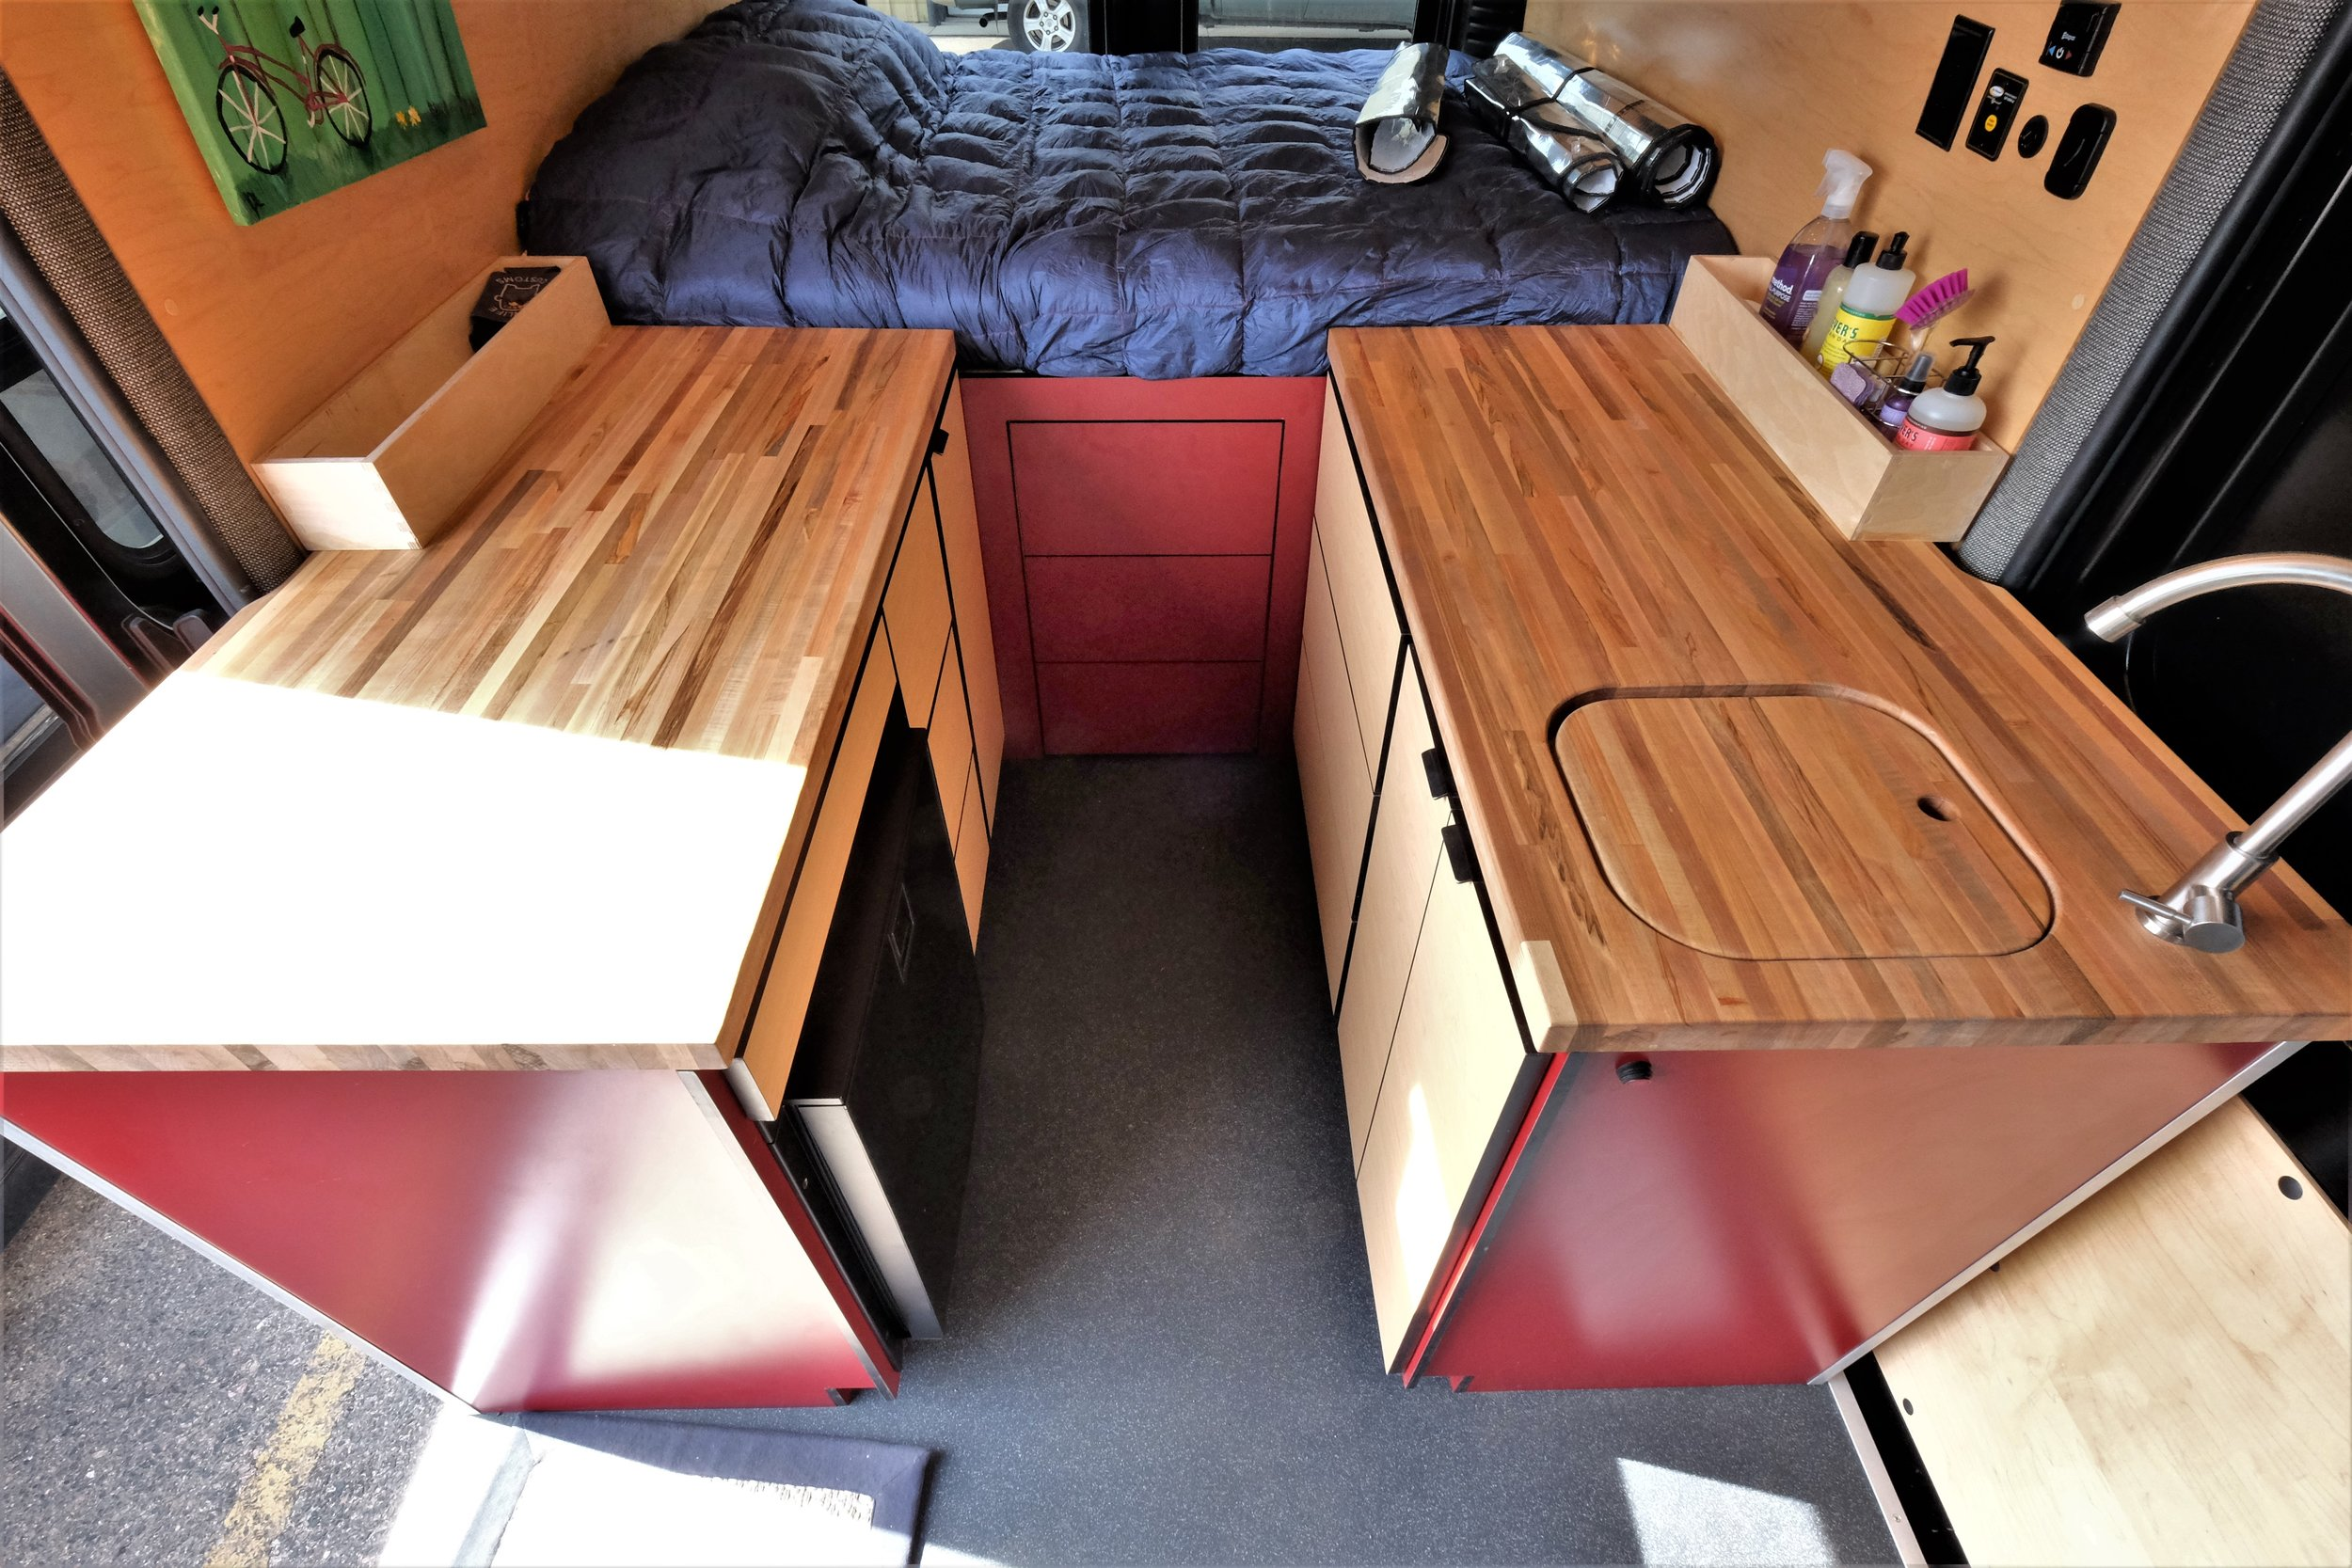 Dodge Promaster Camper Van Conversion For Sale